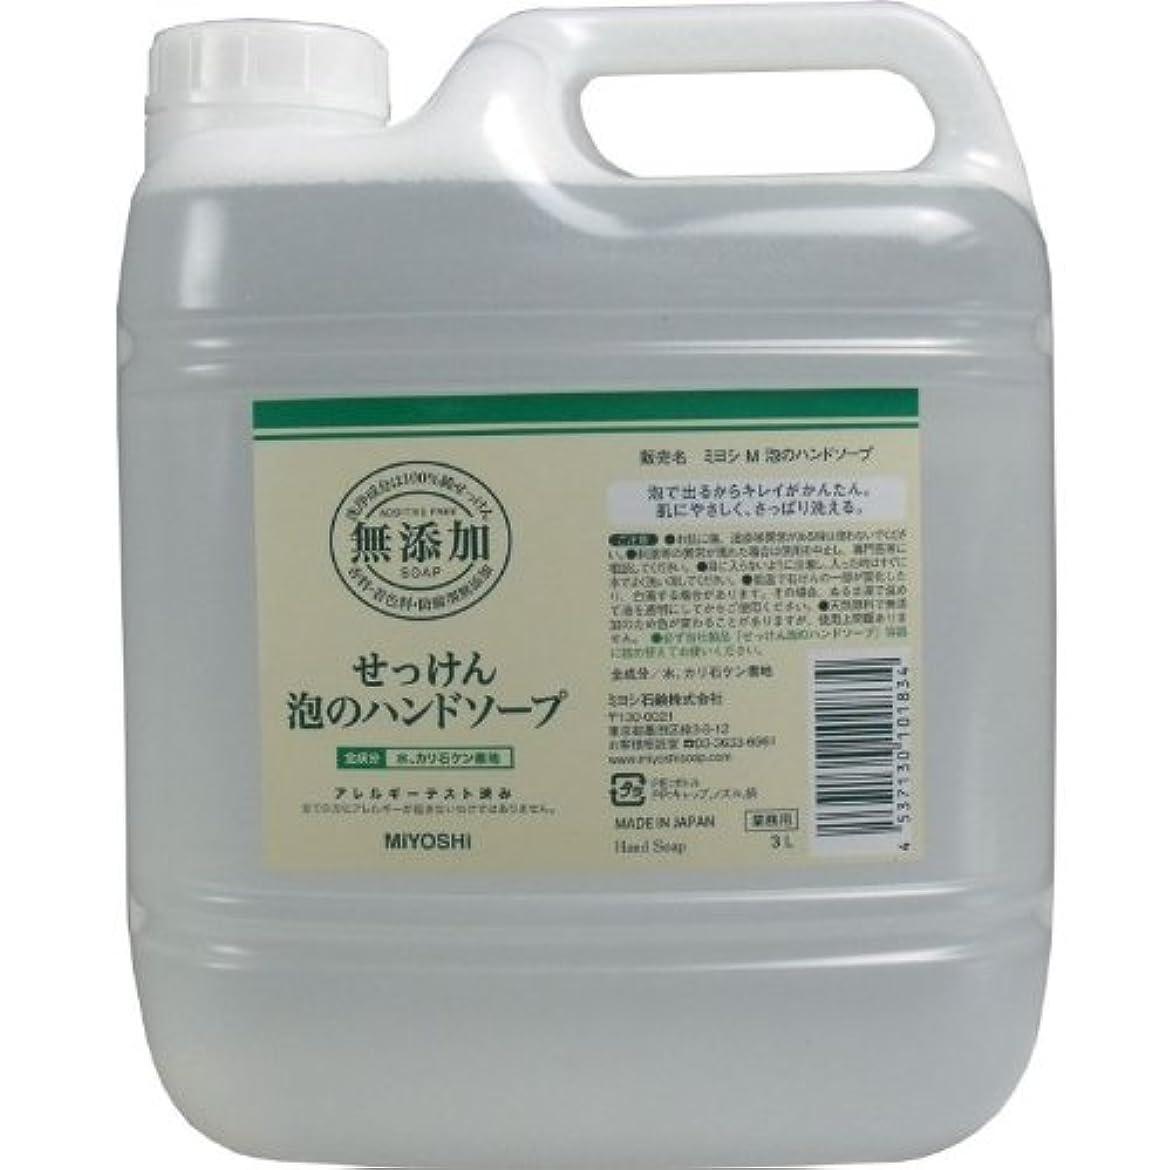 化学薬品ポゴスティックジャンプ静める泡で出るからキレイが簡単!家事の間のサッと洗いも簡単!香料、着色料、防腐剤無添加!(業務用)3L【3個セット】